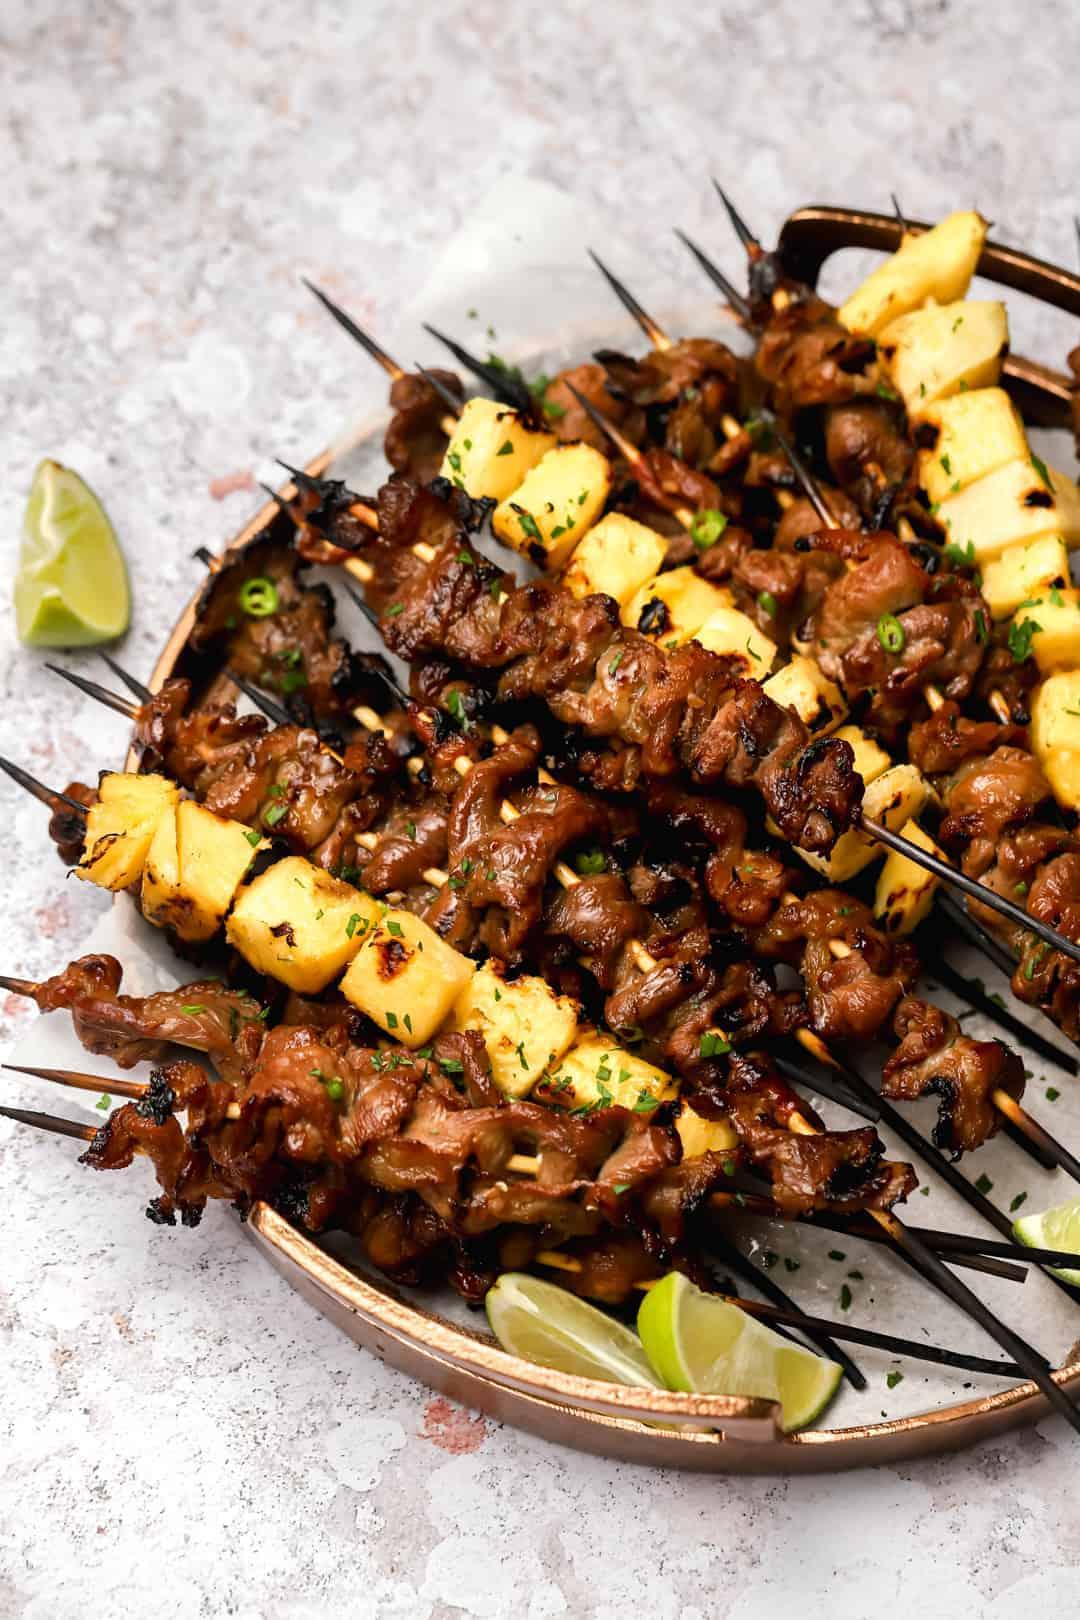 Pork skewers with pineapple